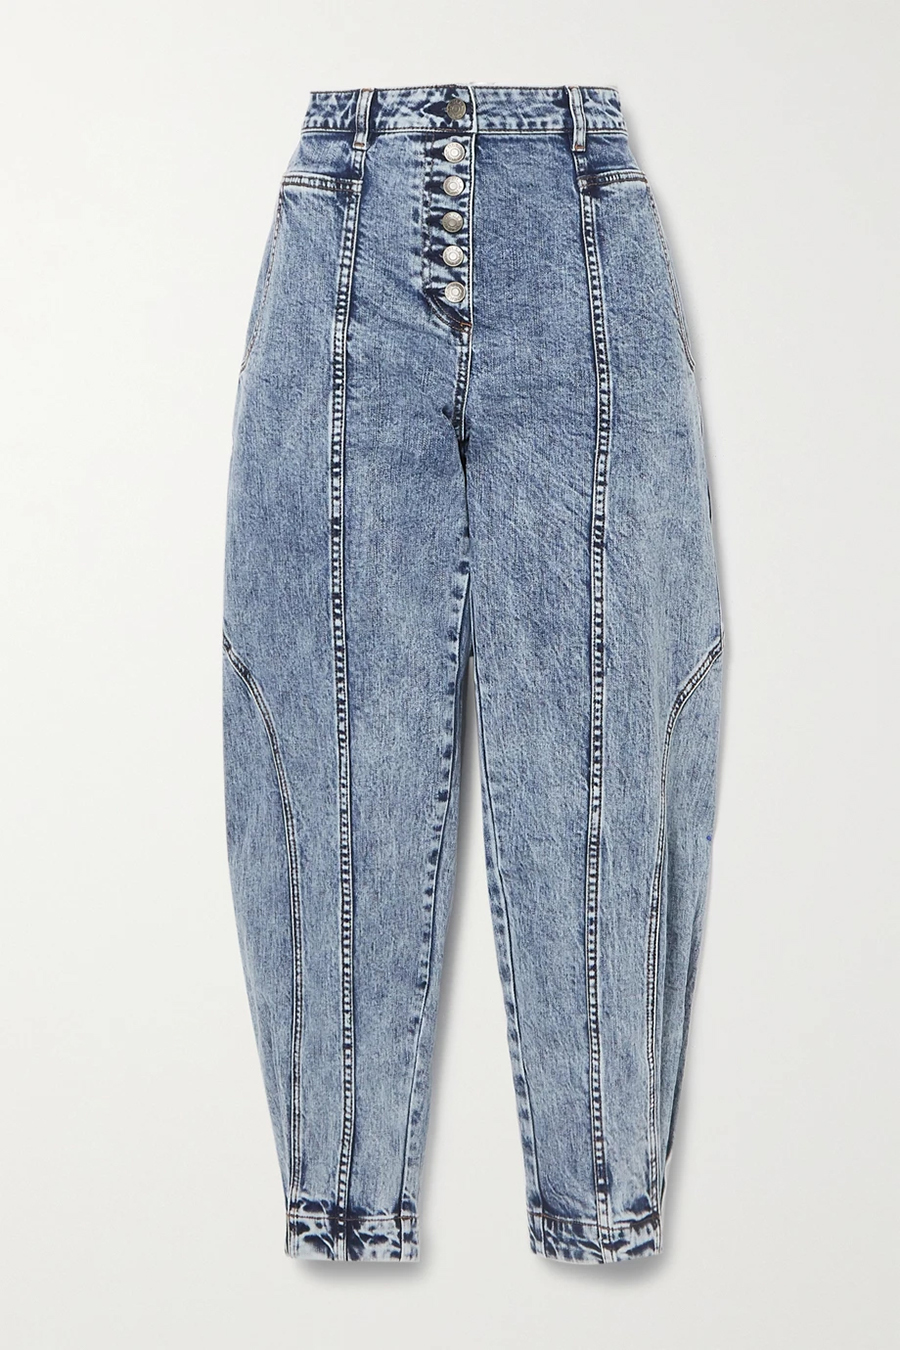 модные джинсы осень 2020 слоучи бананы с деоративной строчкой впереди